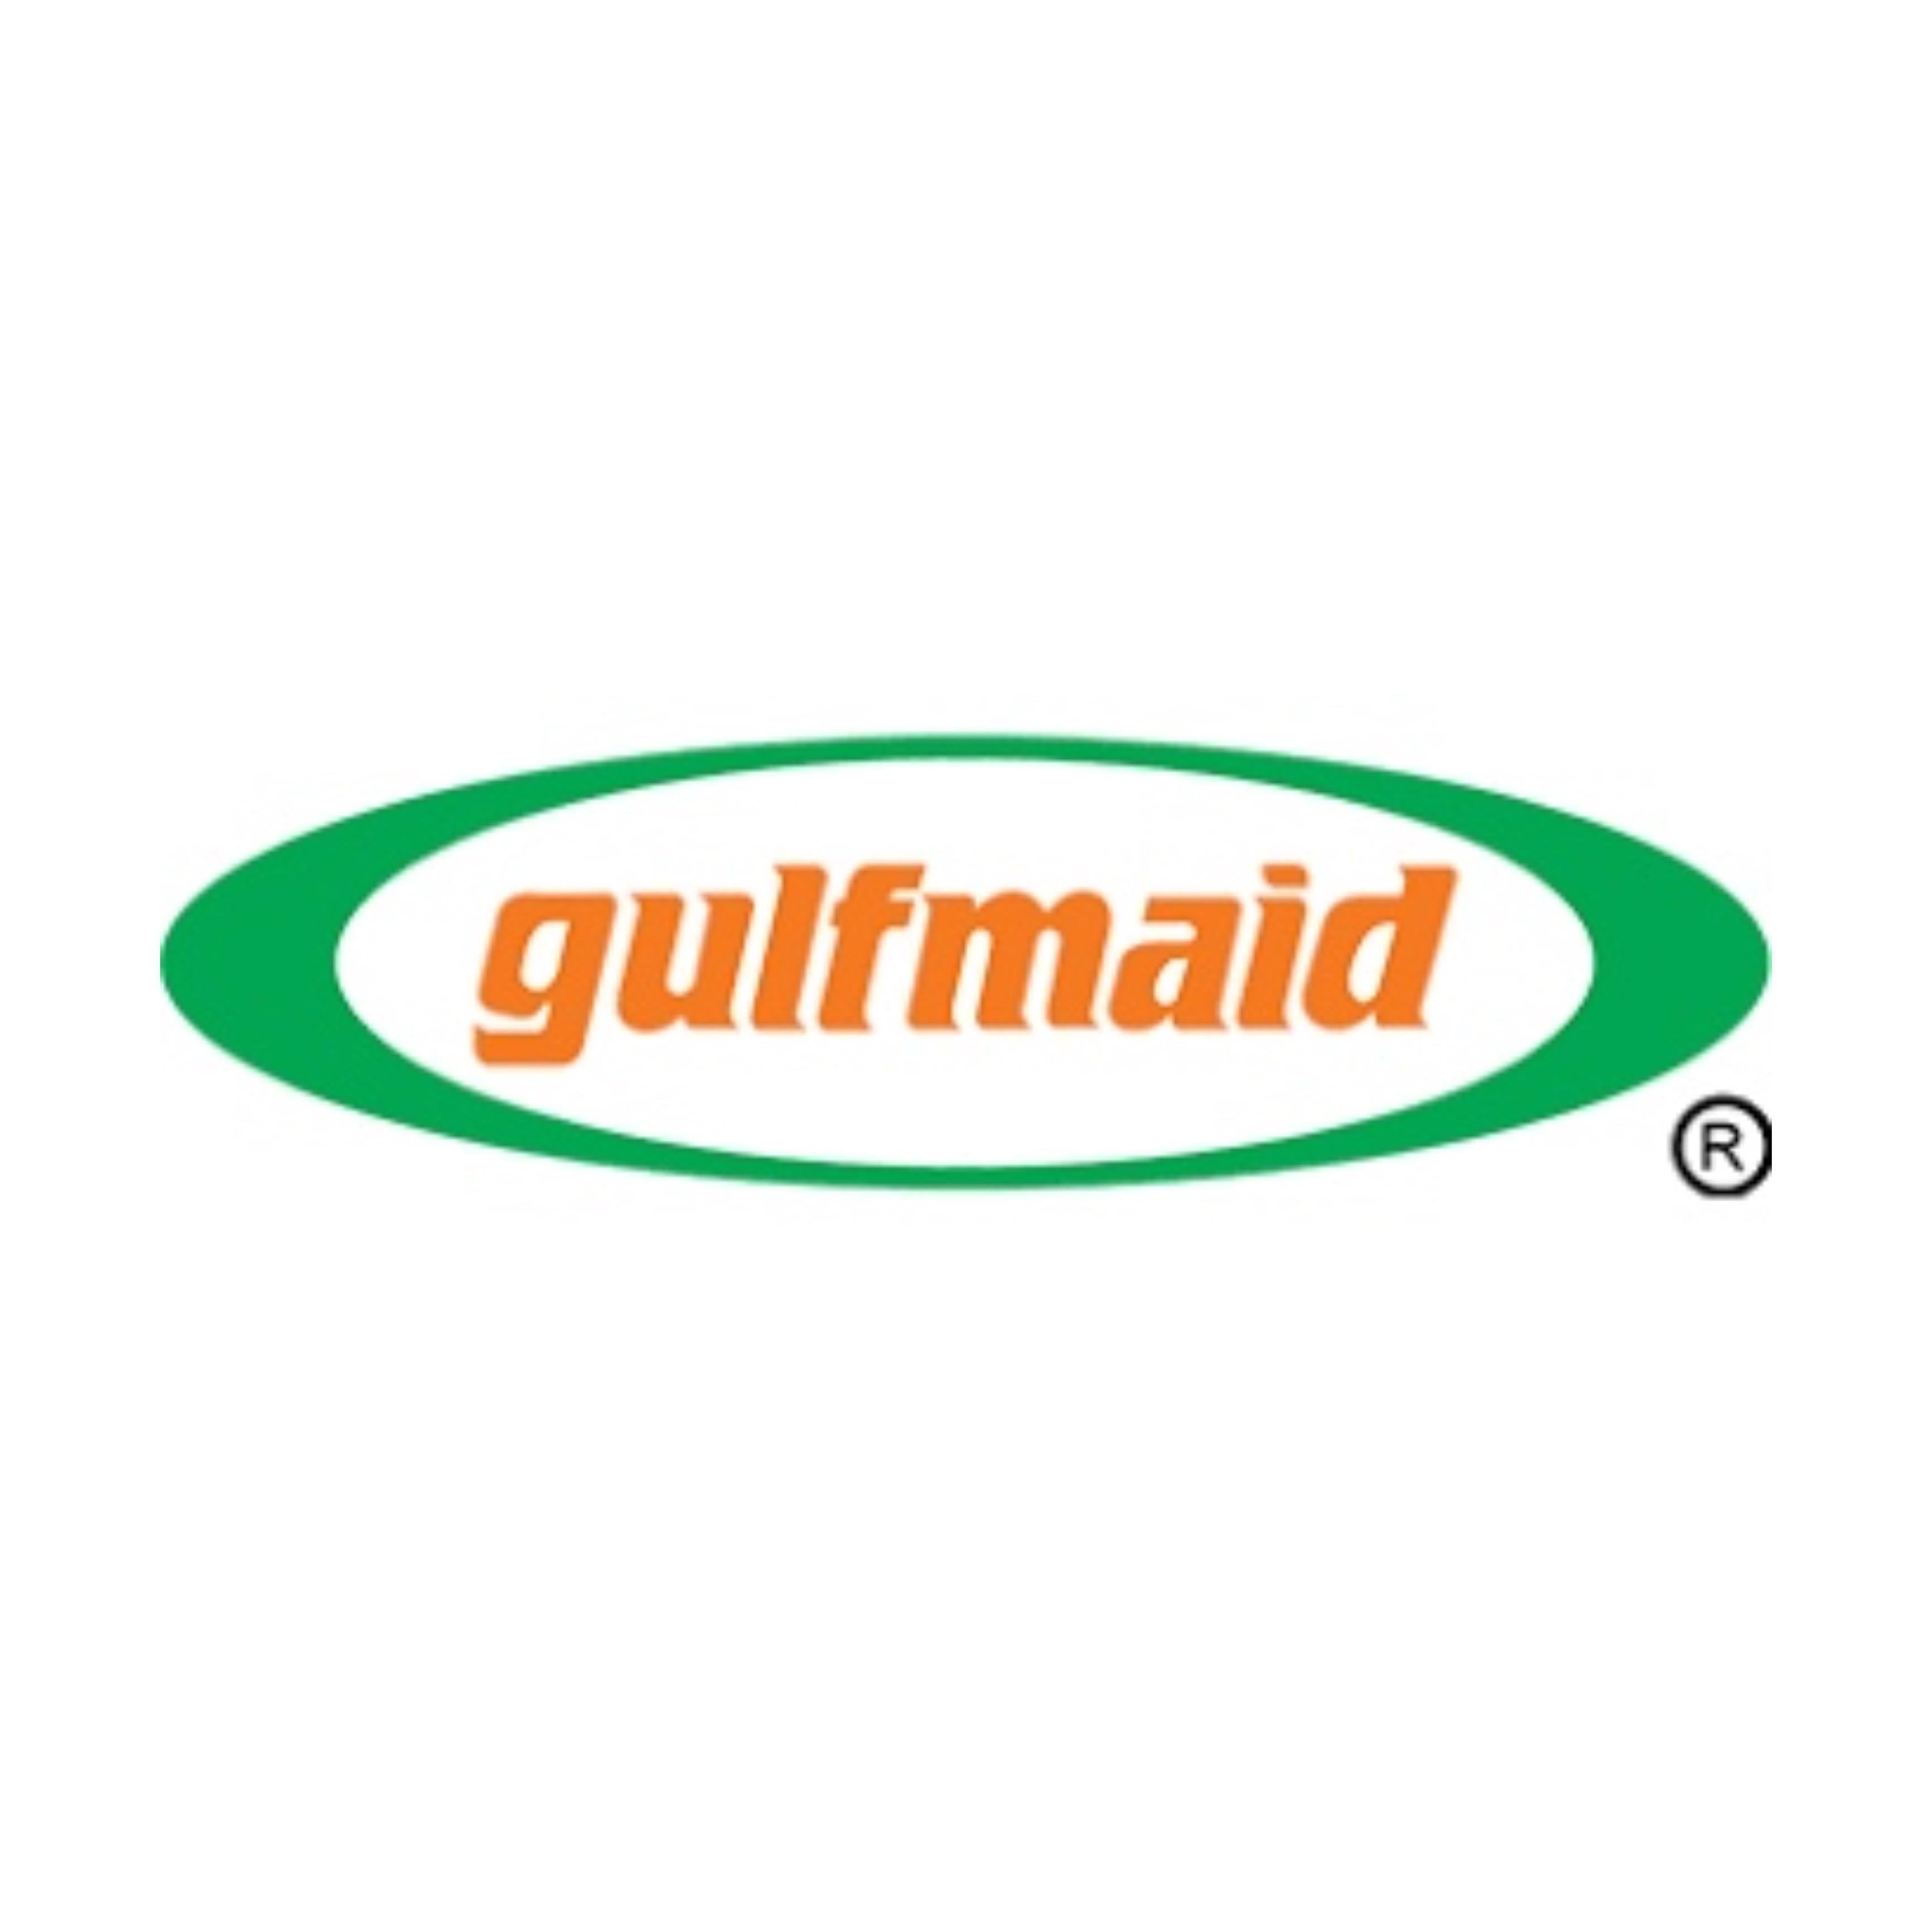 gulfmaid